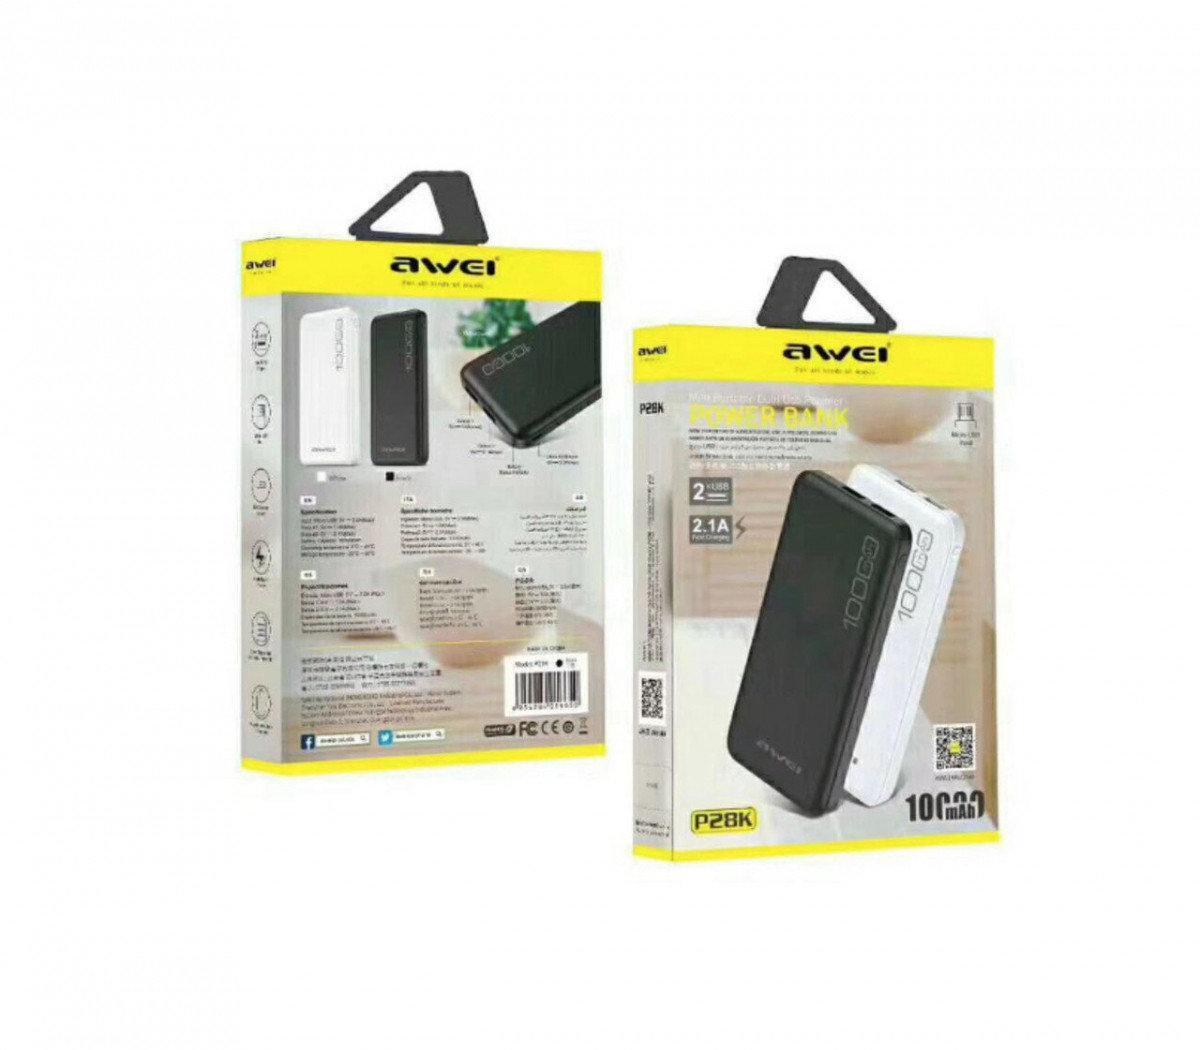 Мобильная Зарядка POWER BANK AWEI P28K, Павер банк, Портативное зарядное устройство, Переносной аккумулятор